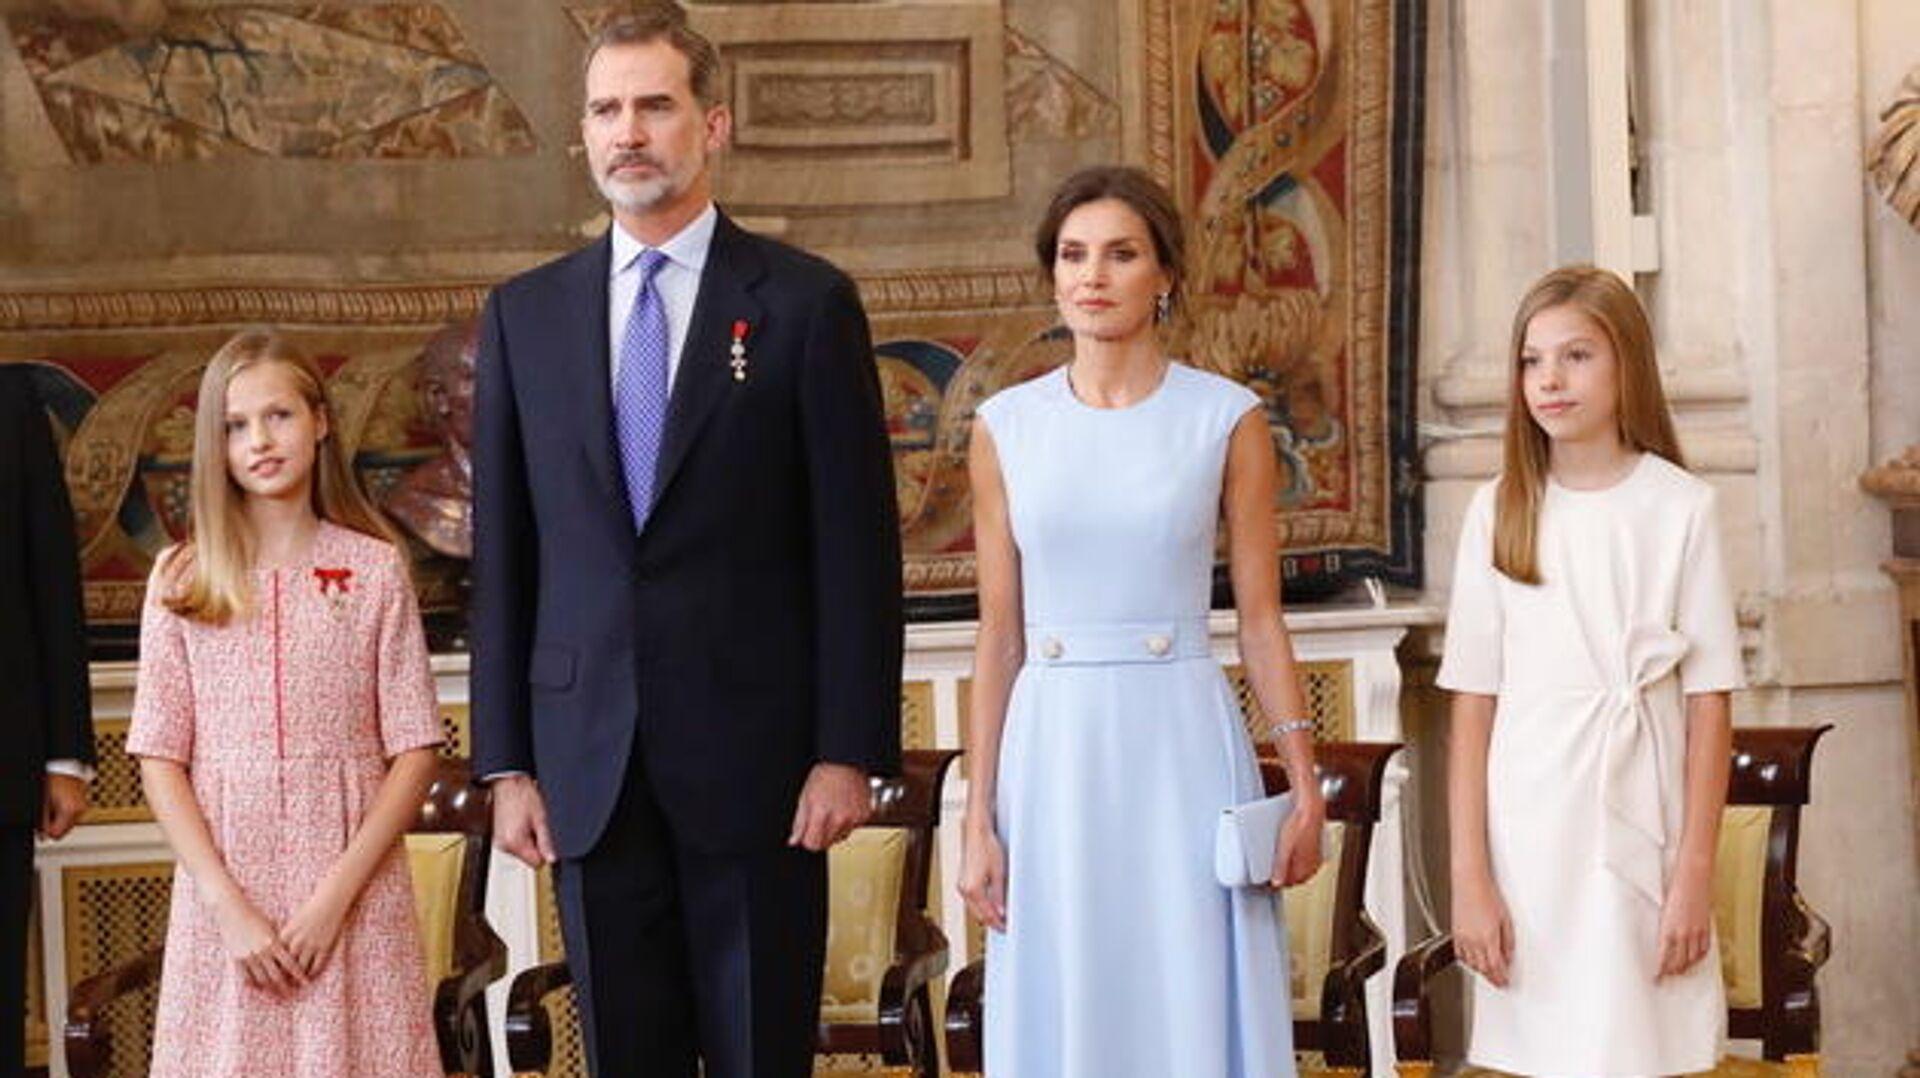 Члены королевской семьи Испании - РИА Новости, 1920, 04.08.2020